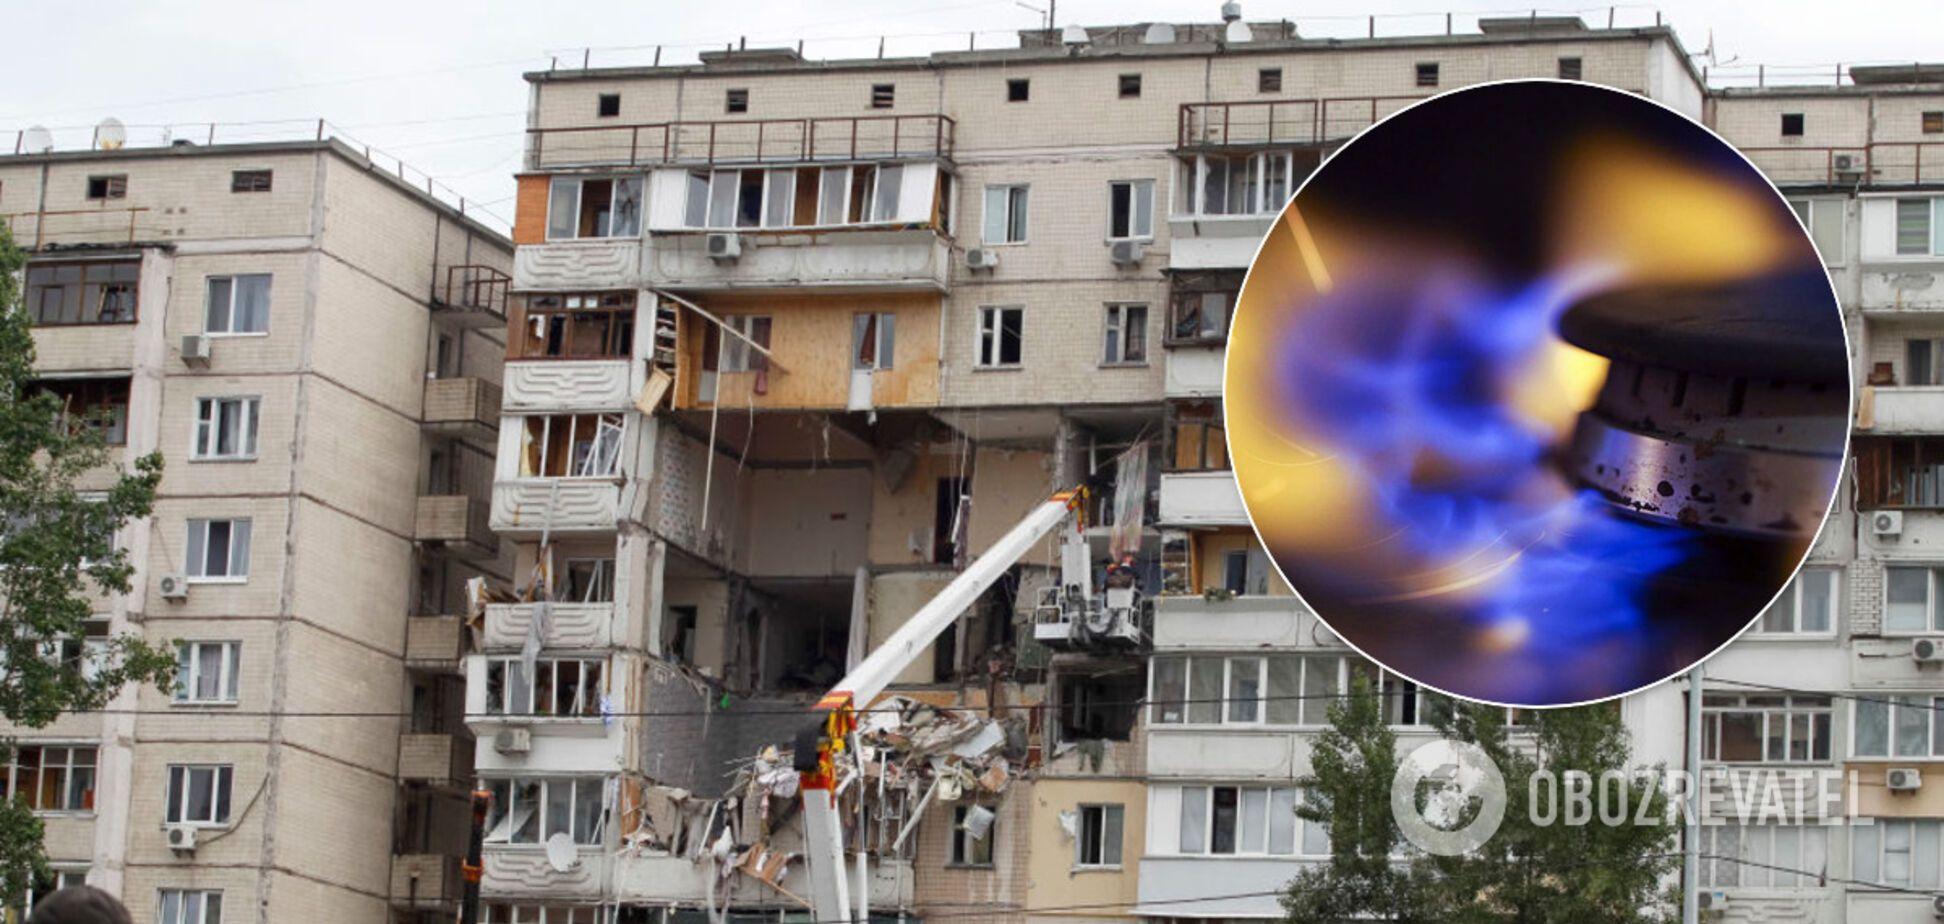 В Украине назрела опасность из-за взрывов многоэтажек: как выйти из тупика и спасти людей